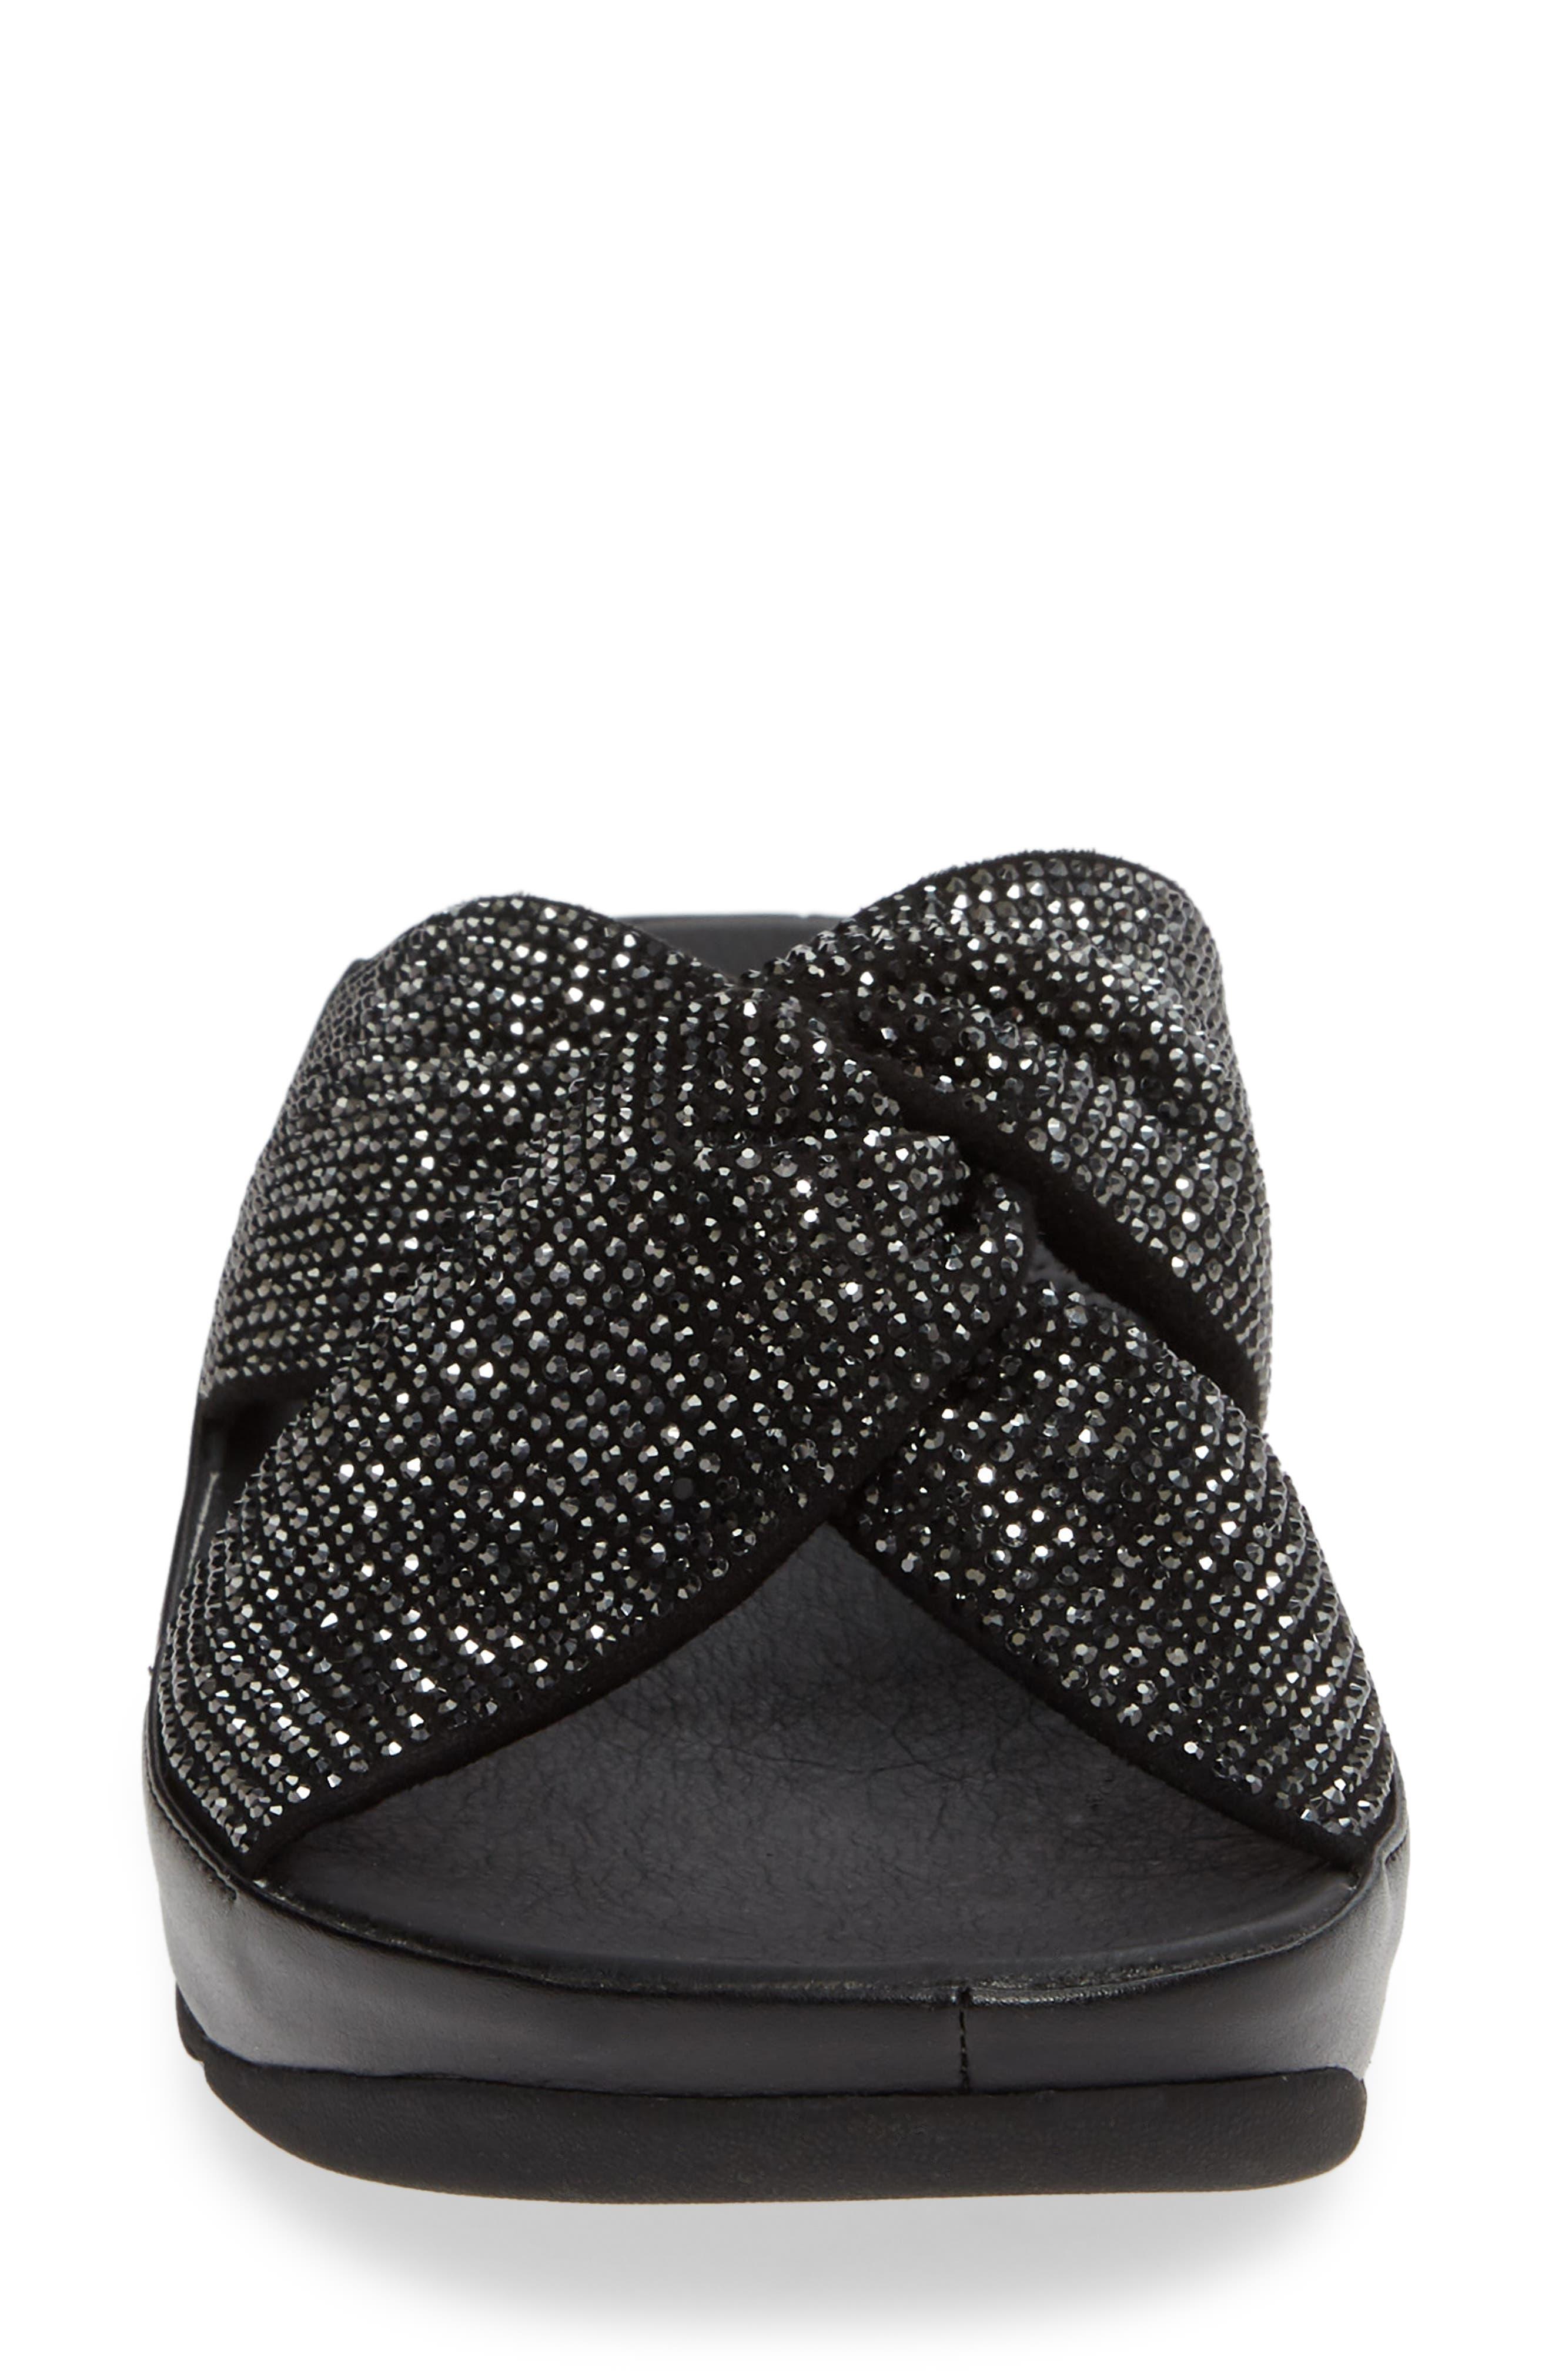 FITFLOP, Twiss Crystal Embellished Slide Sandal, Alternate thumbnail 4, color, BLACK FABRIC